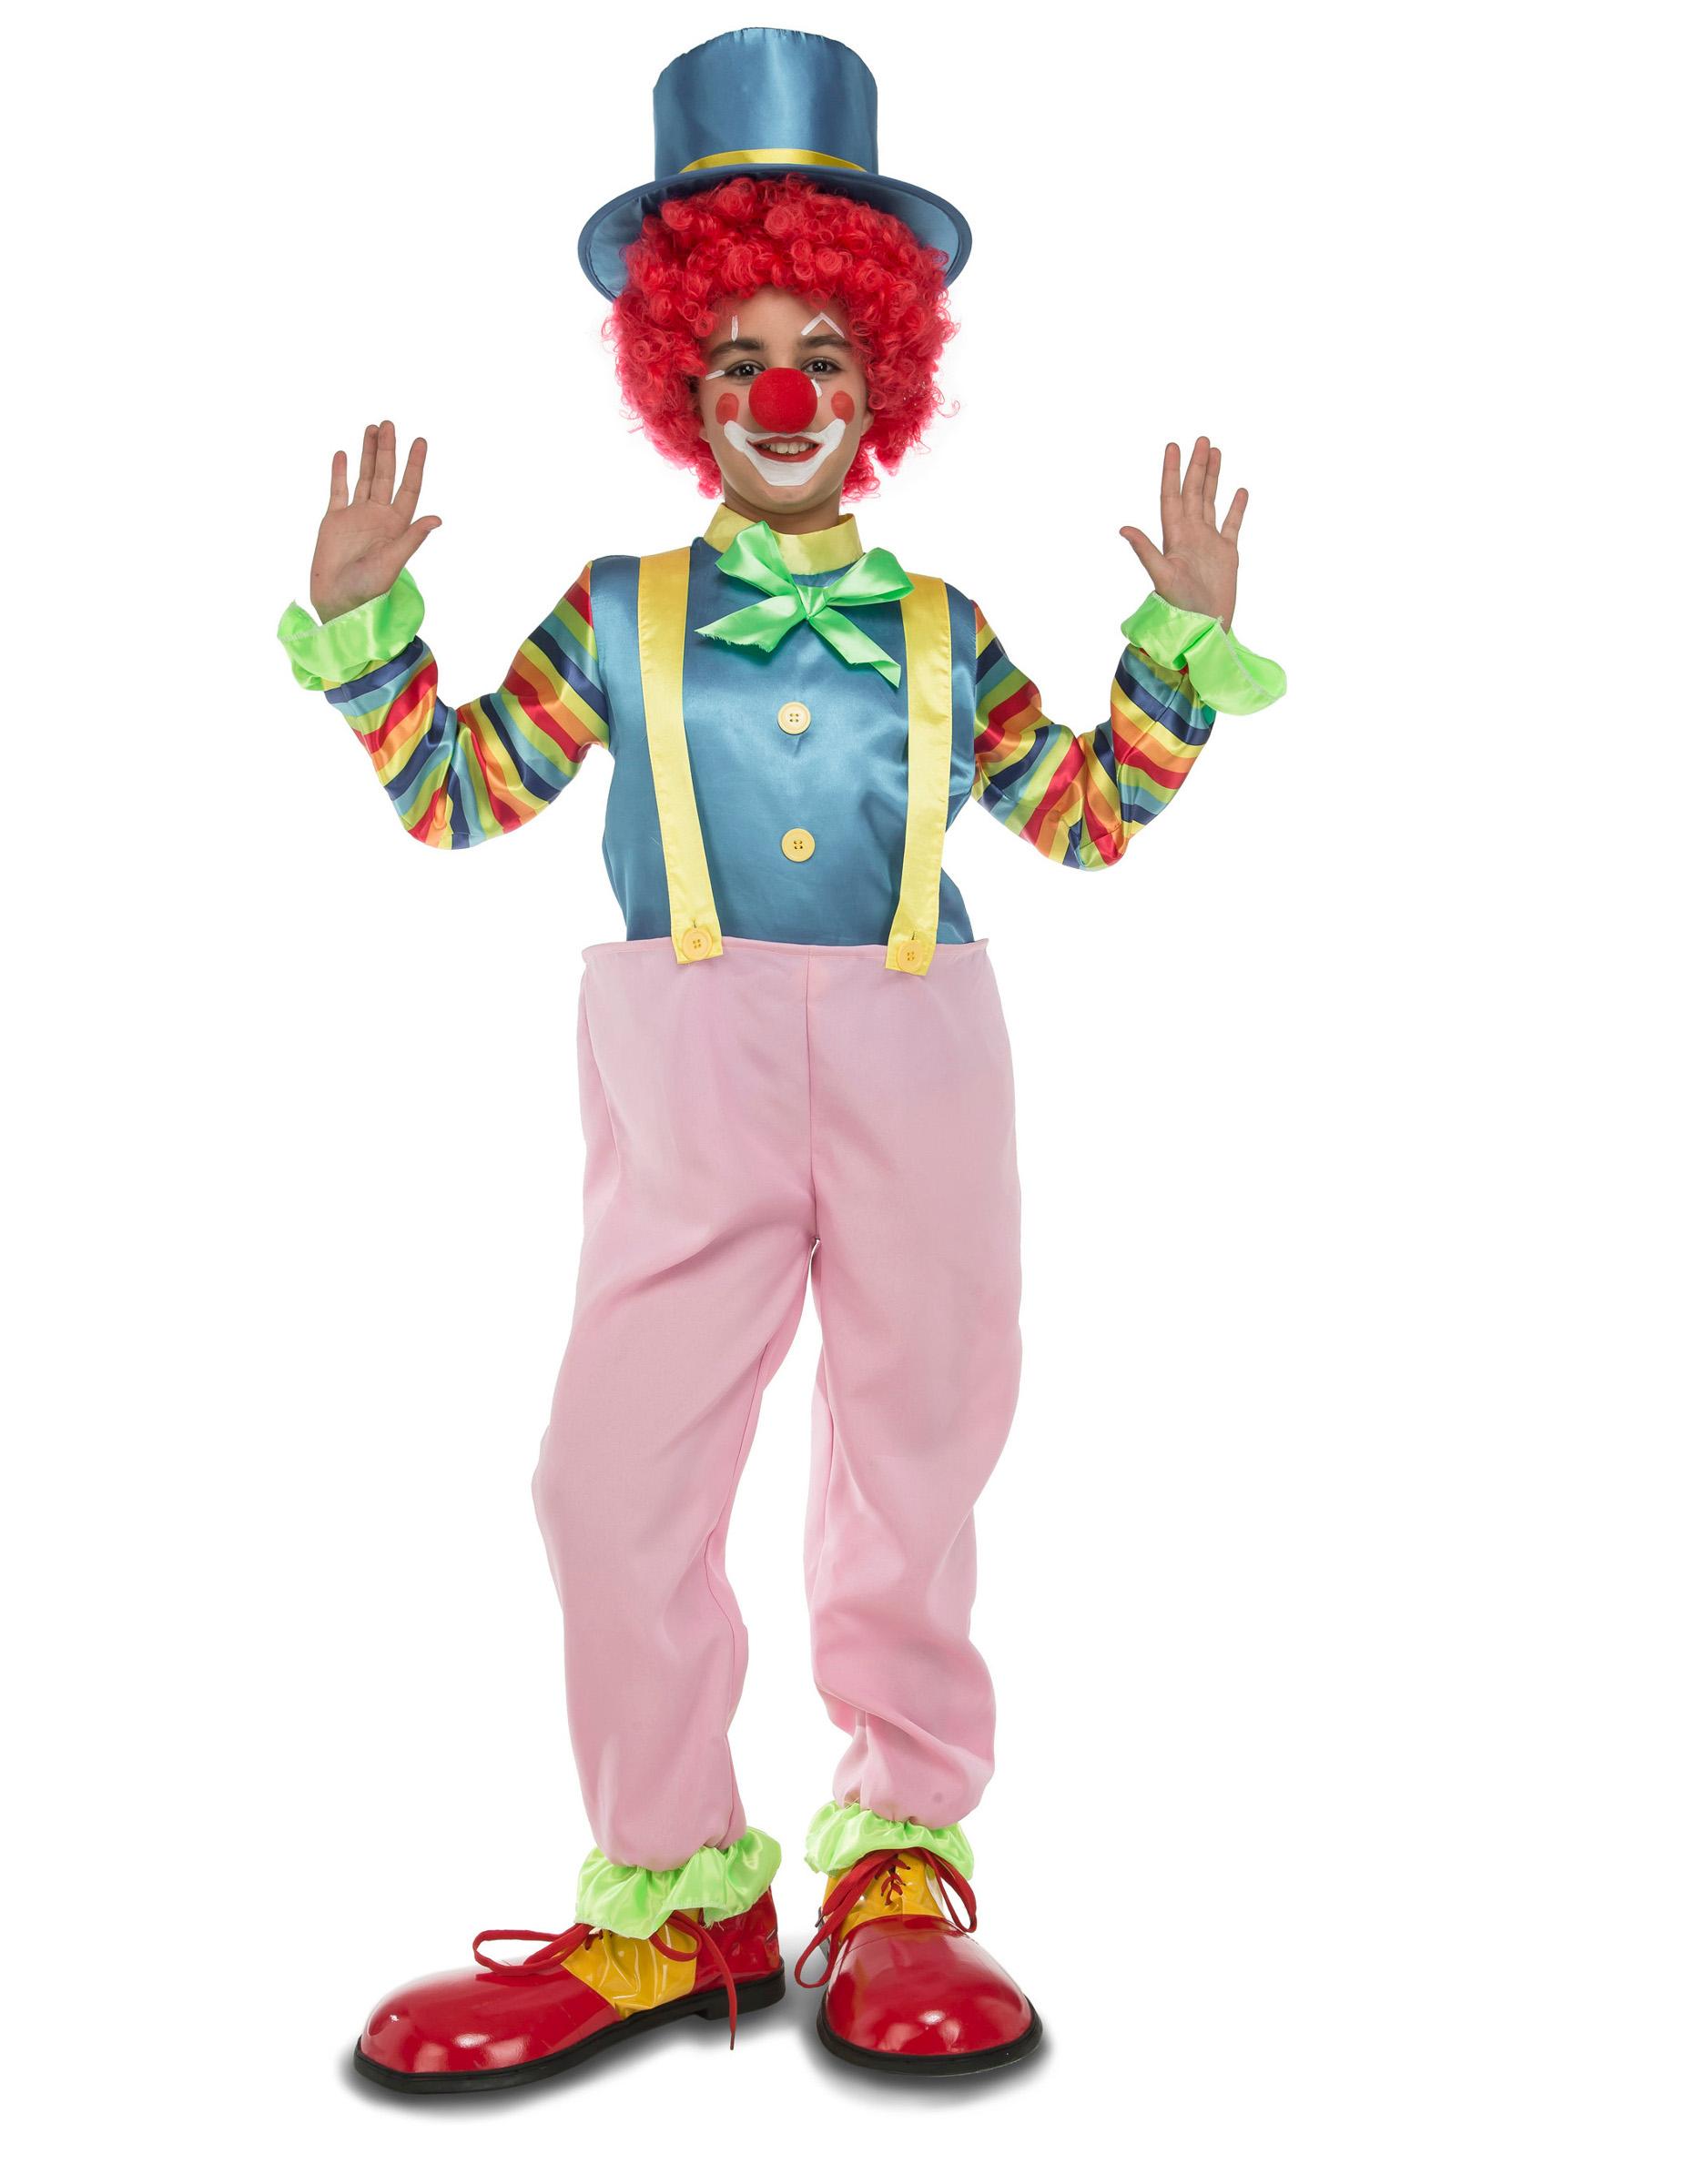 kost m clown f r kinder rosa g nstige faschings kost me bei karneval megastore. Black Bedroom Furniture Sets. Home Design Ideas